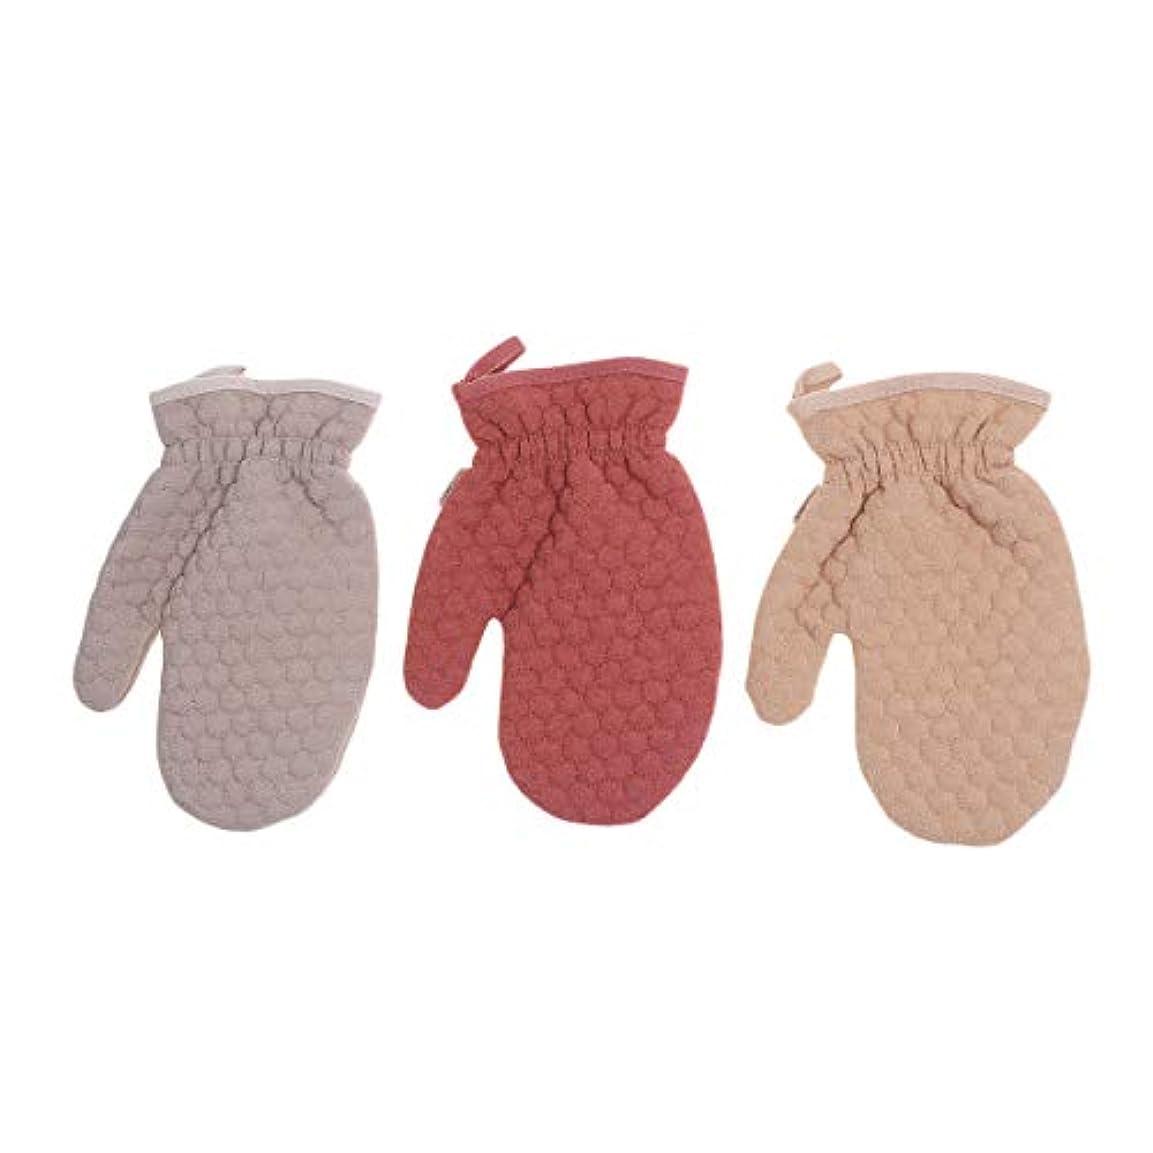 教授打ち上げるめるBeaupretty 3本剥離手袋ダブルサイドシャワー手袋スクラブグローブシャワー用デュアルテクスチャバスグローブ(ダークレッドライトブラウンライトコーヒー)